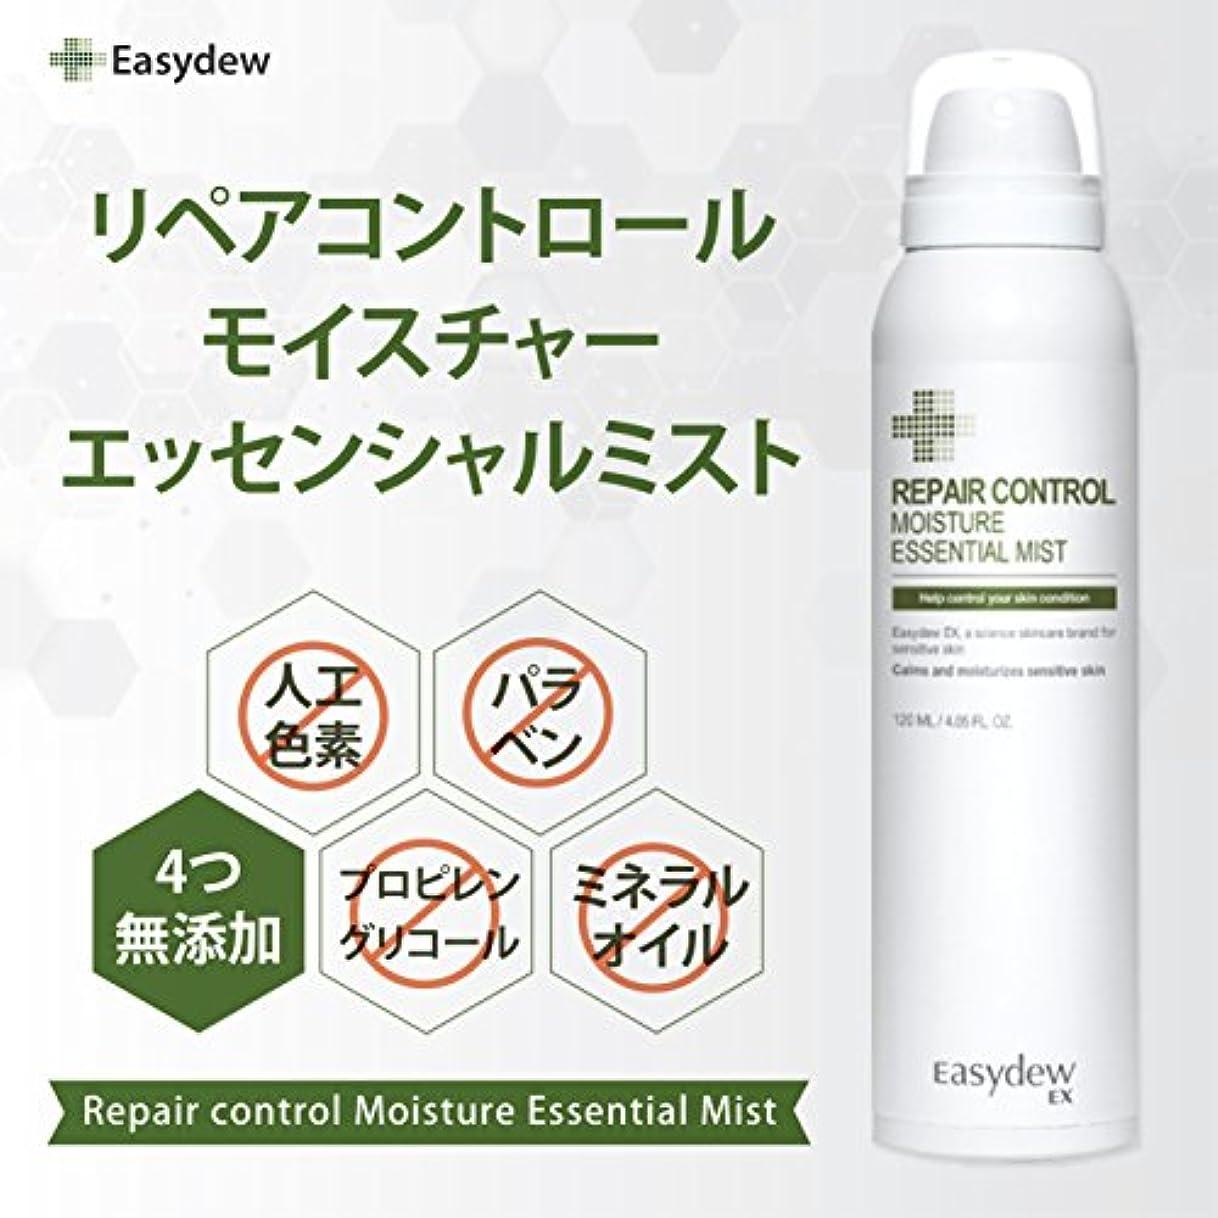 考古学者松タッチEASYDEW EX リペア コントロール モイスチャー エッセンシャル ミスト Repair Control Moisture Essential Mist 120ml